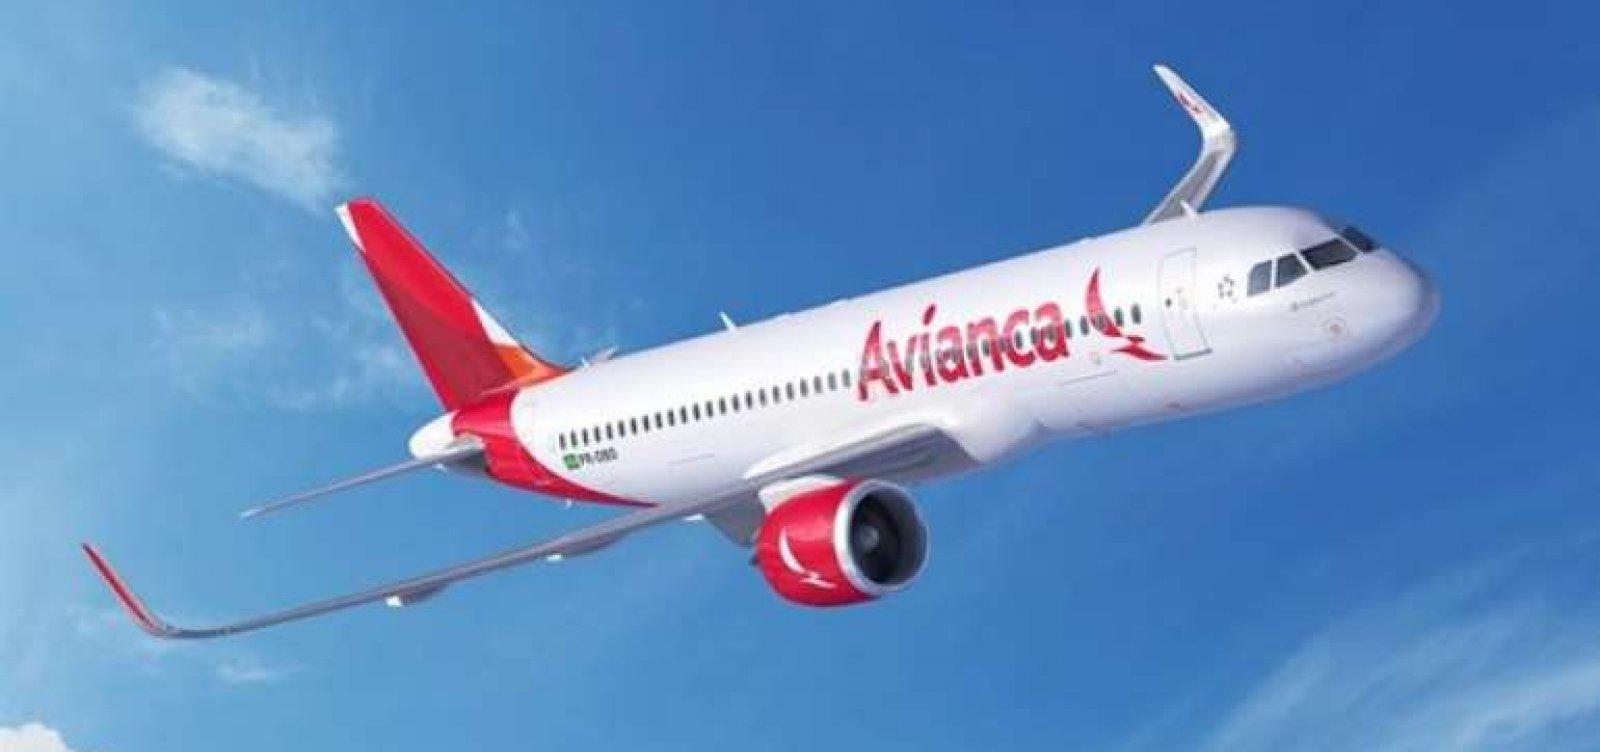 [Avianca cancela mais de 170 voos emSalvador até o próximo domingo]